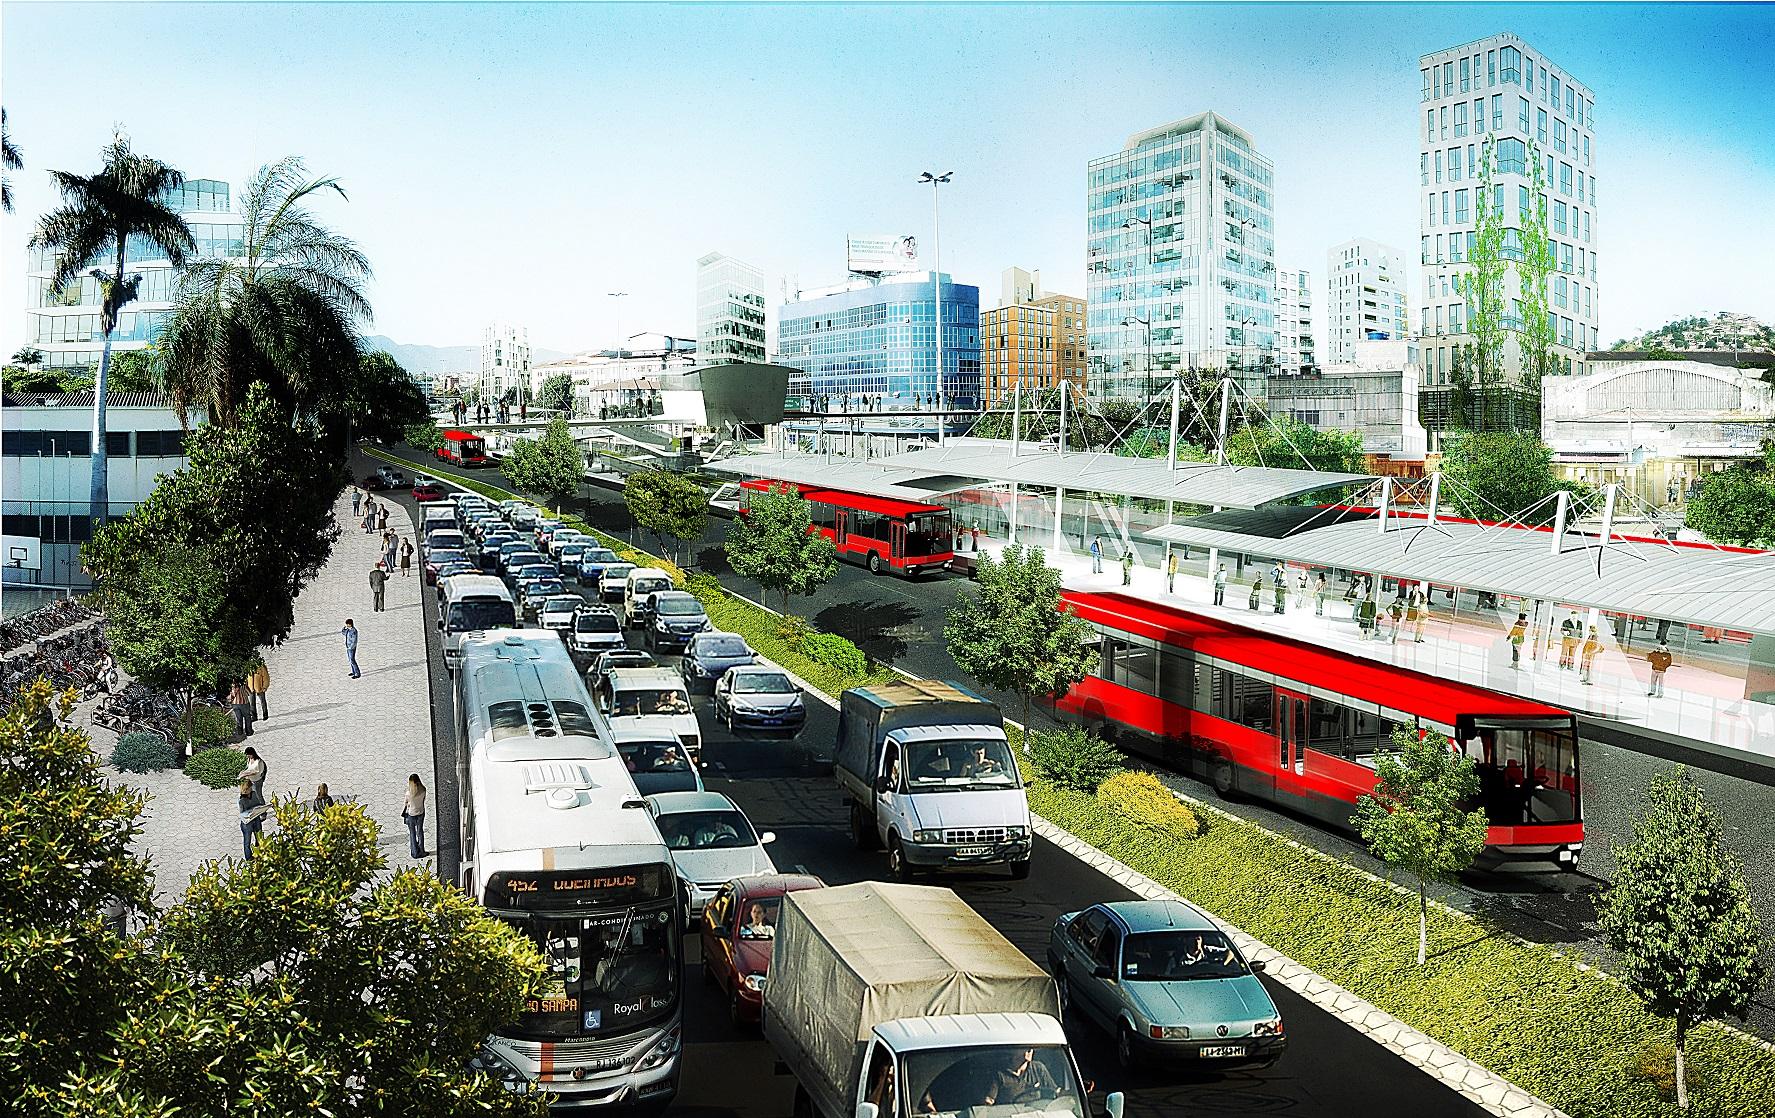 Projeto do ITDP Brasil, feito em 2013, mostra o potencial de transformação no entorno da Avenida Brasil. Foto Reprodução/ITDP Brasil